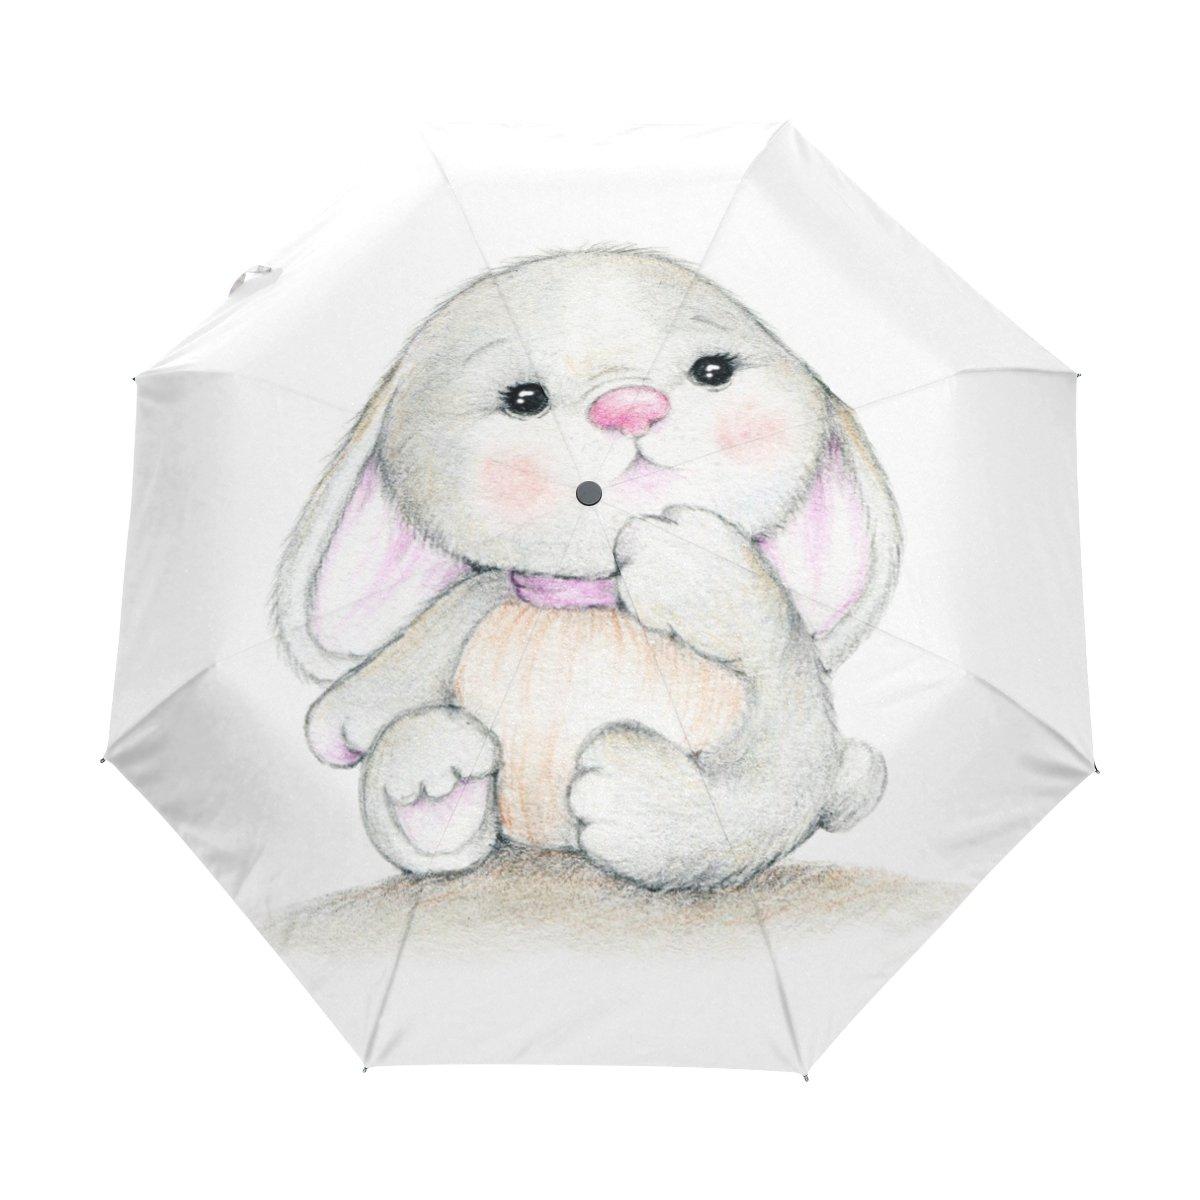 naanle Cute Bunny Rabbit Auto Open Close折りたたみ式耐風トラベル傘 B077R6PTFG